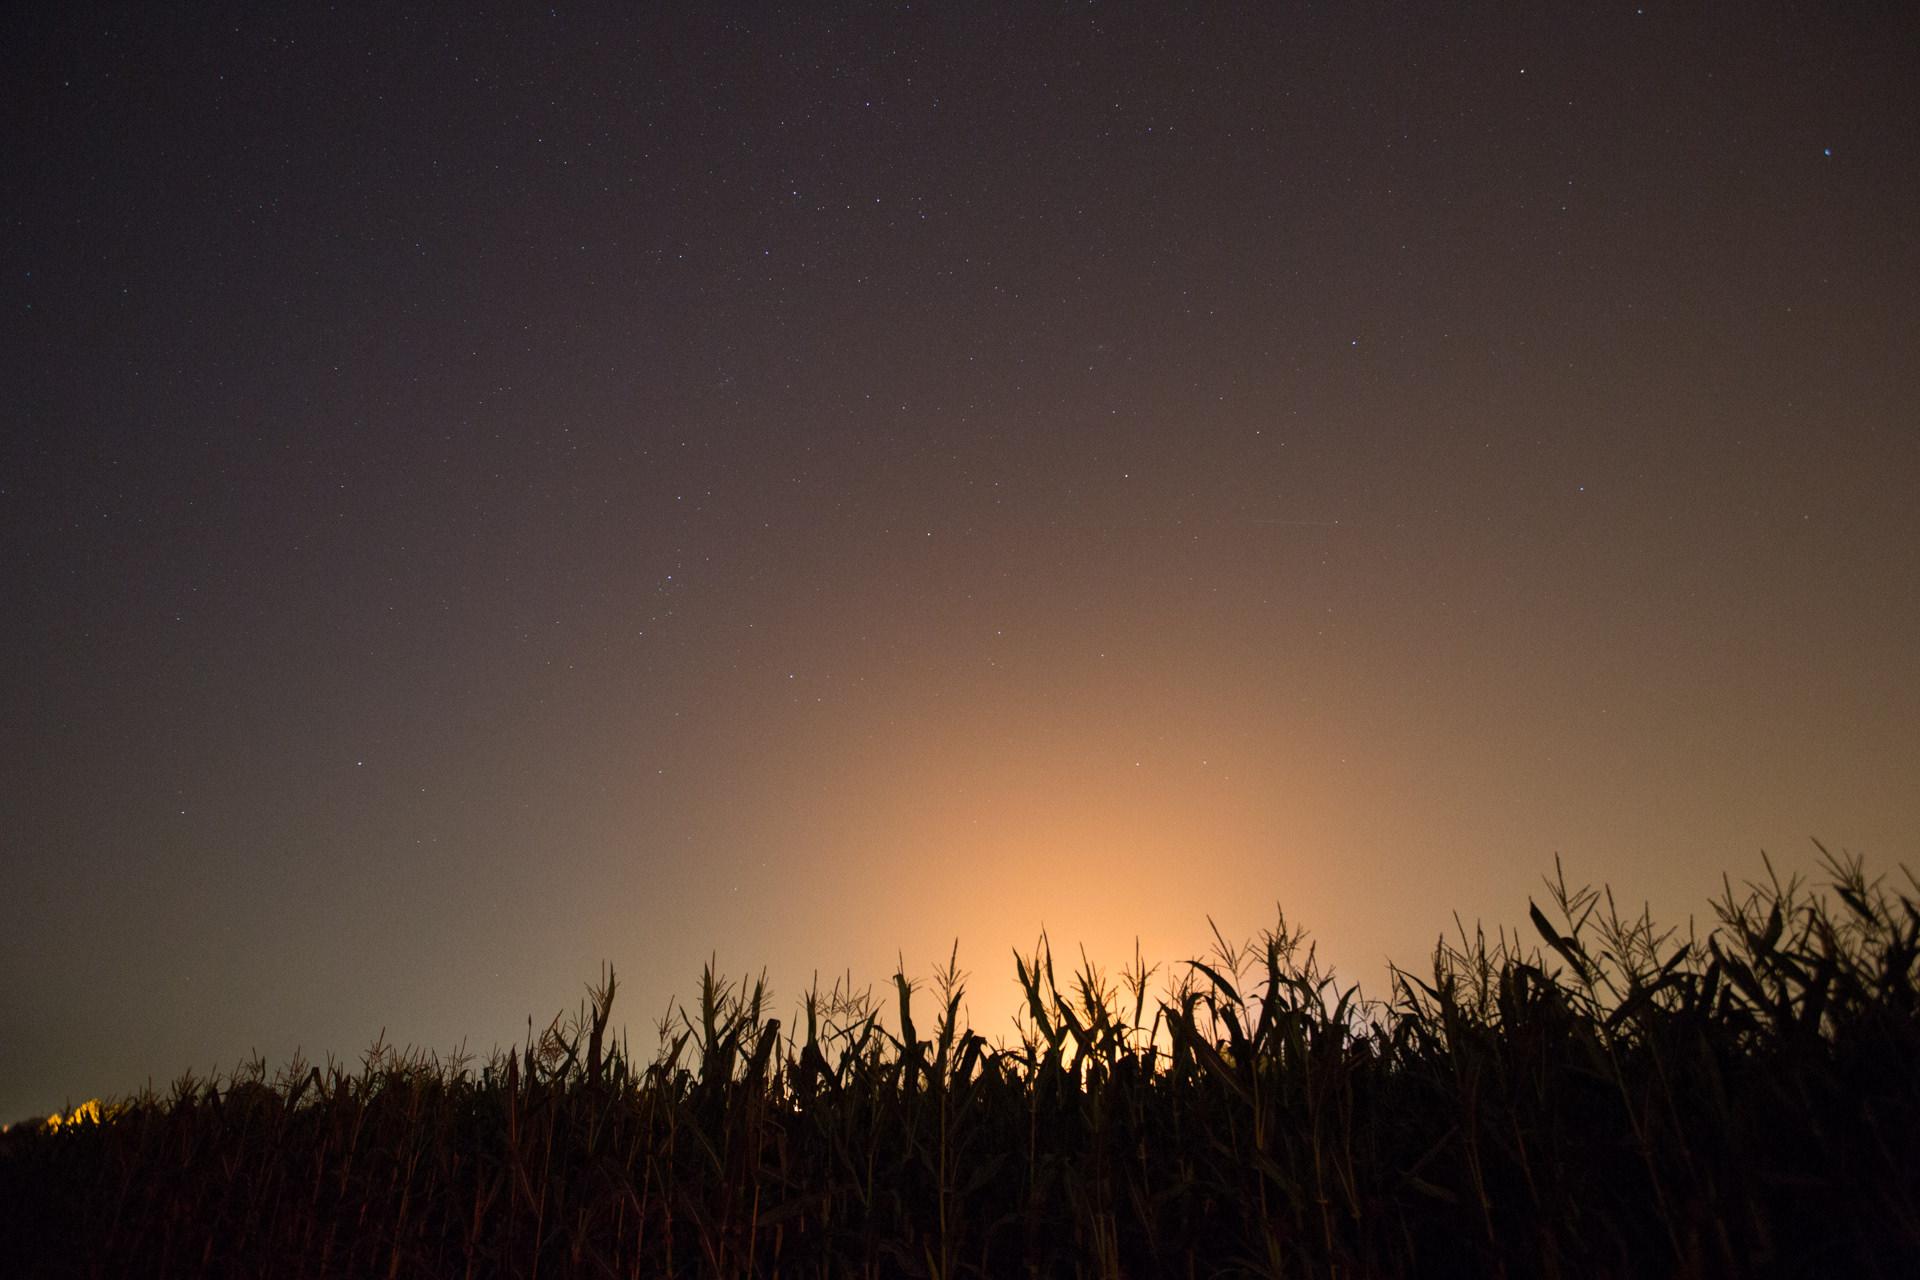 Звезды в Пестово. Пестовское водохранилище